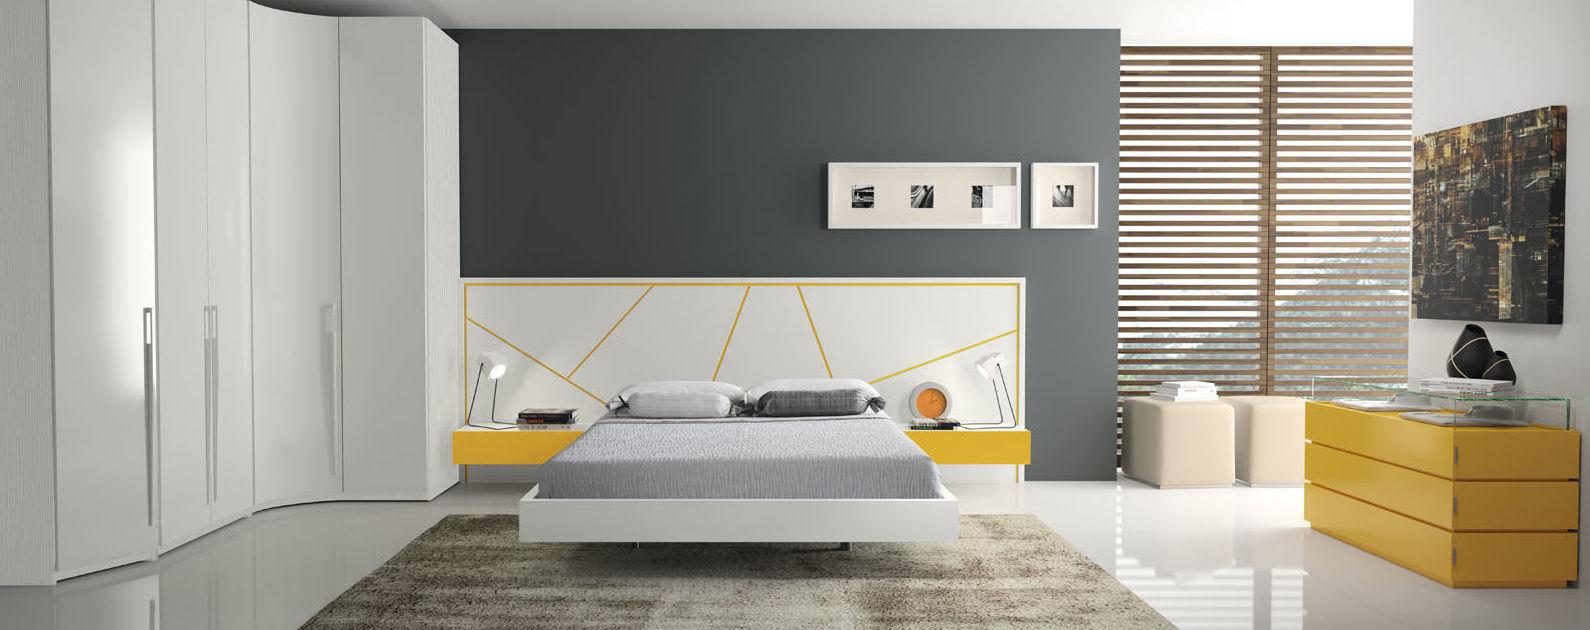 Dormitorios matrimonio modermos: Muebles y decoración de Capitoné Mobles